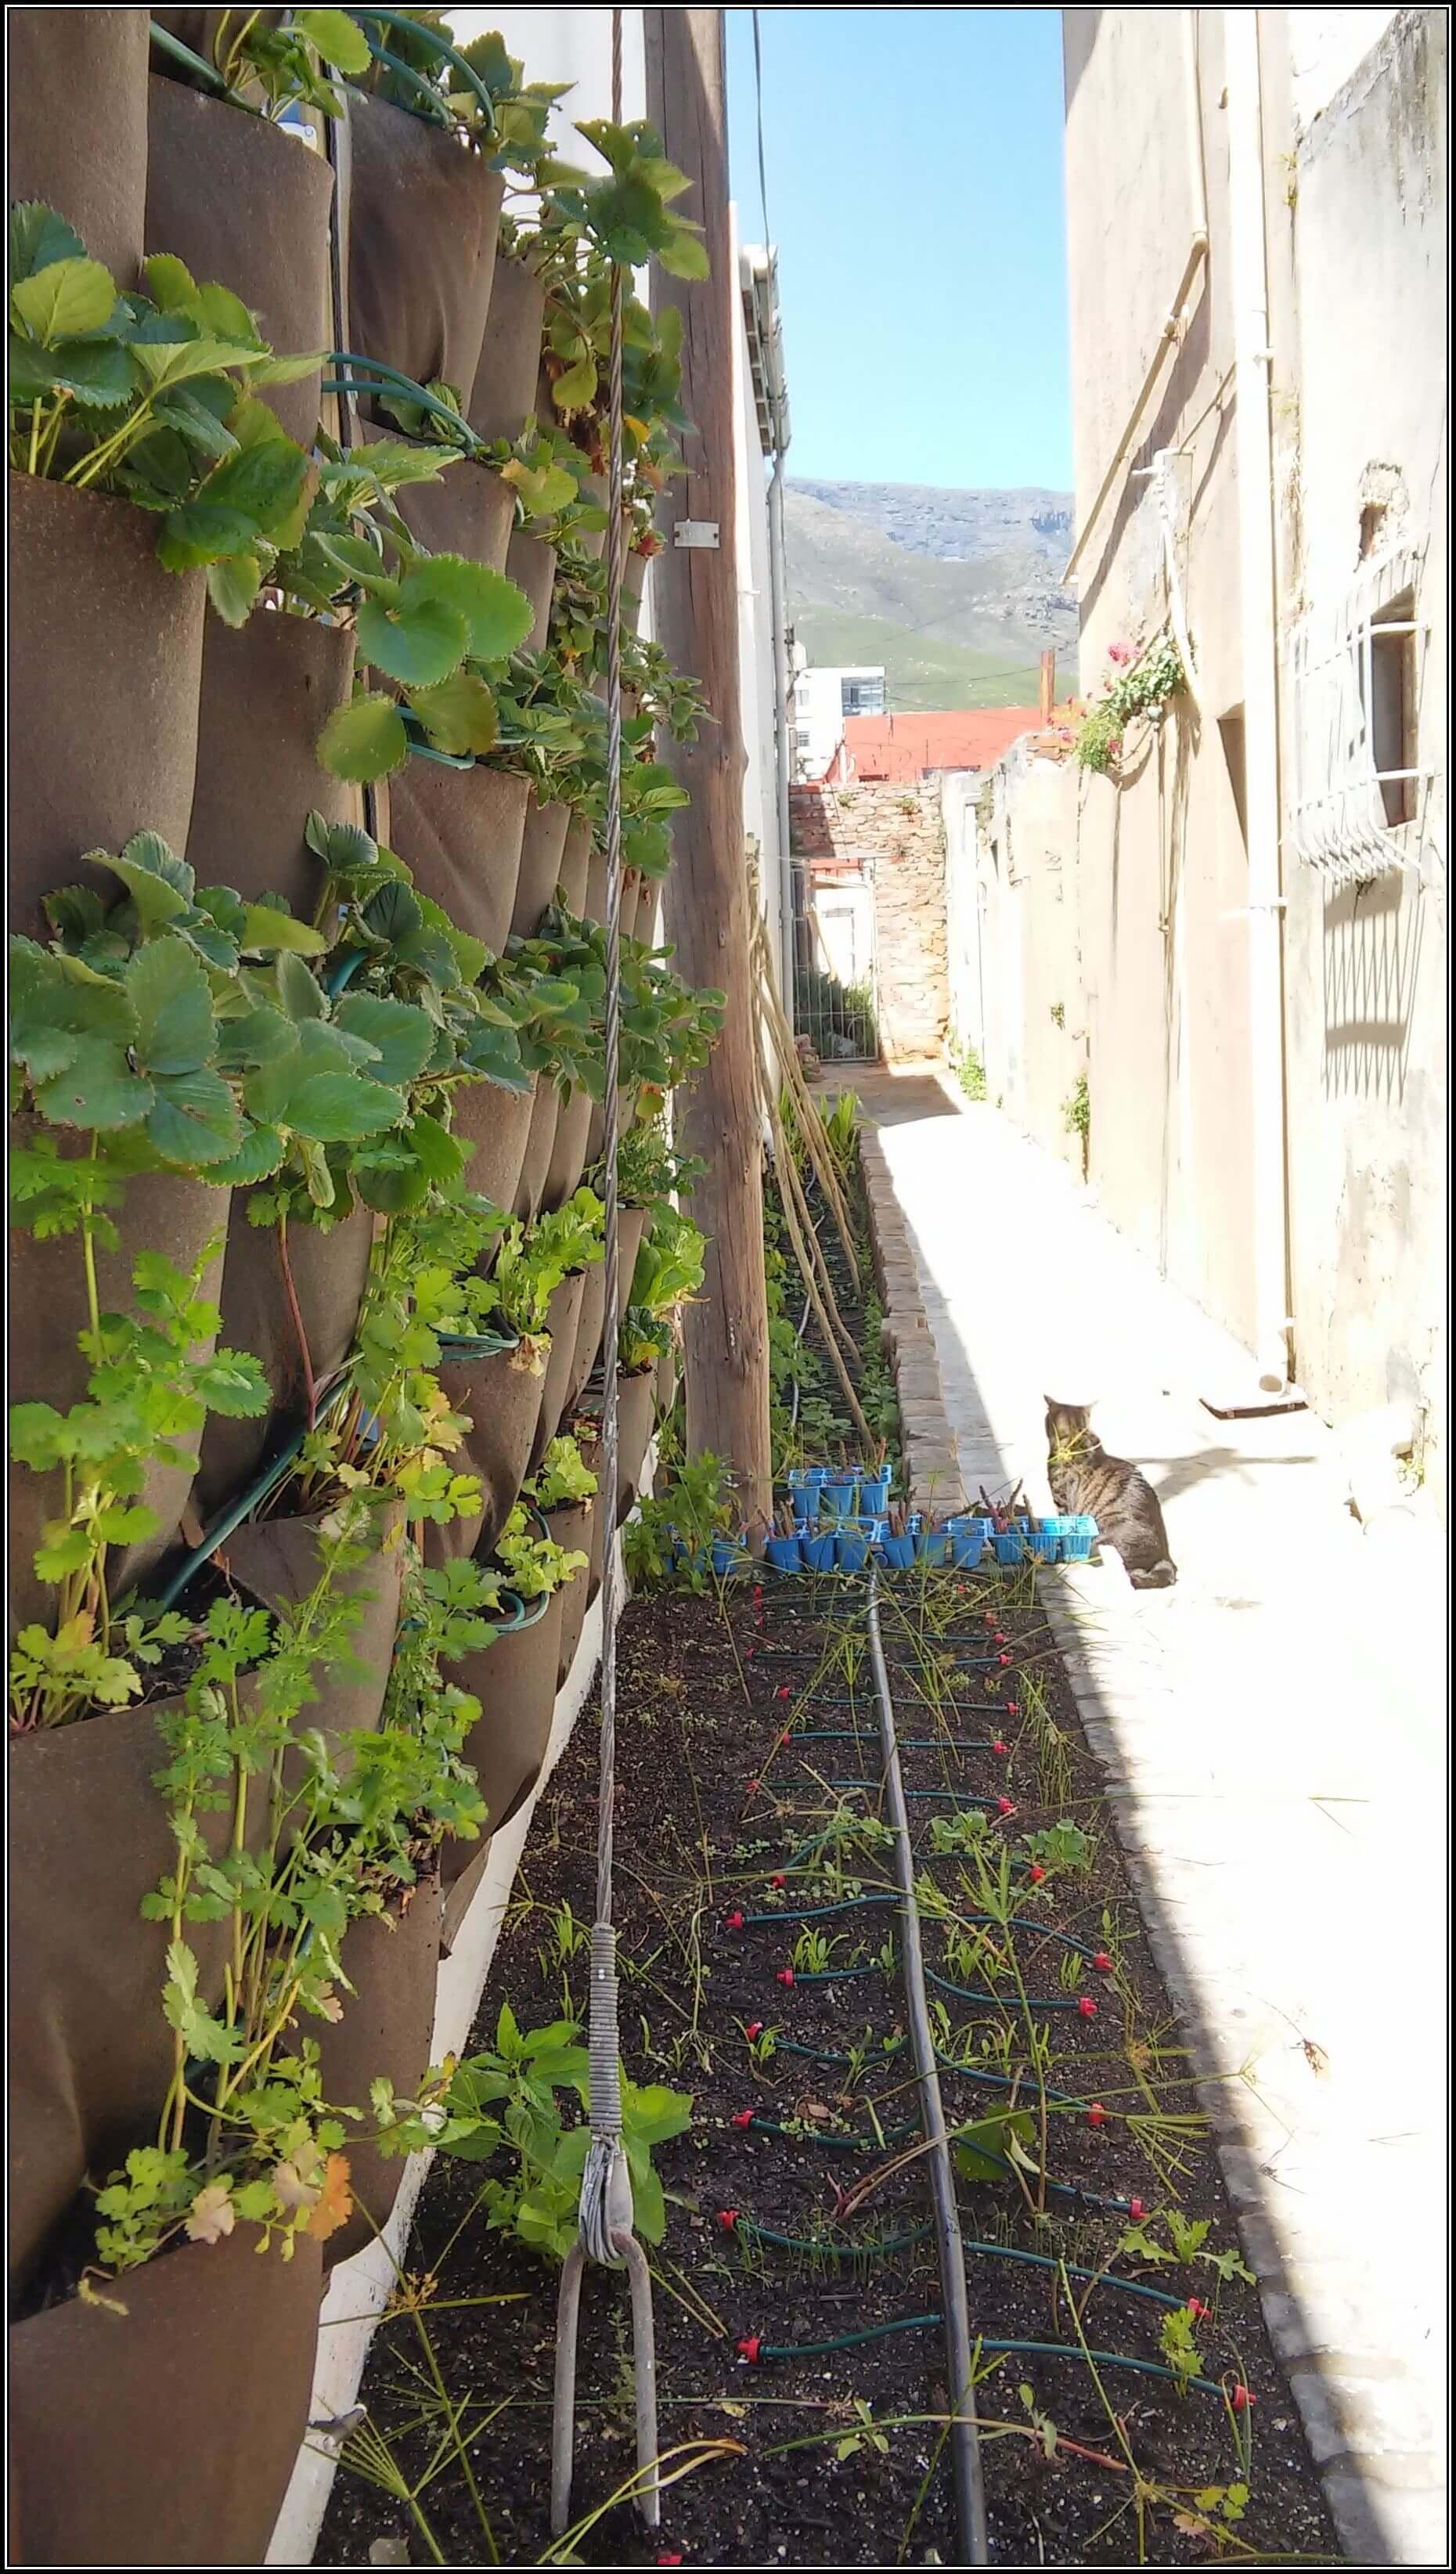 Alleyway-garden